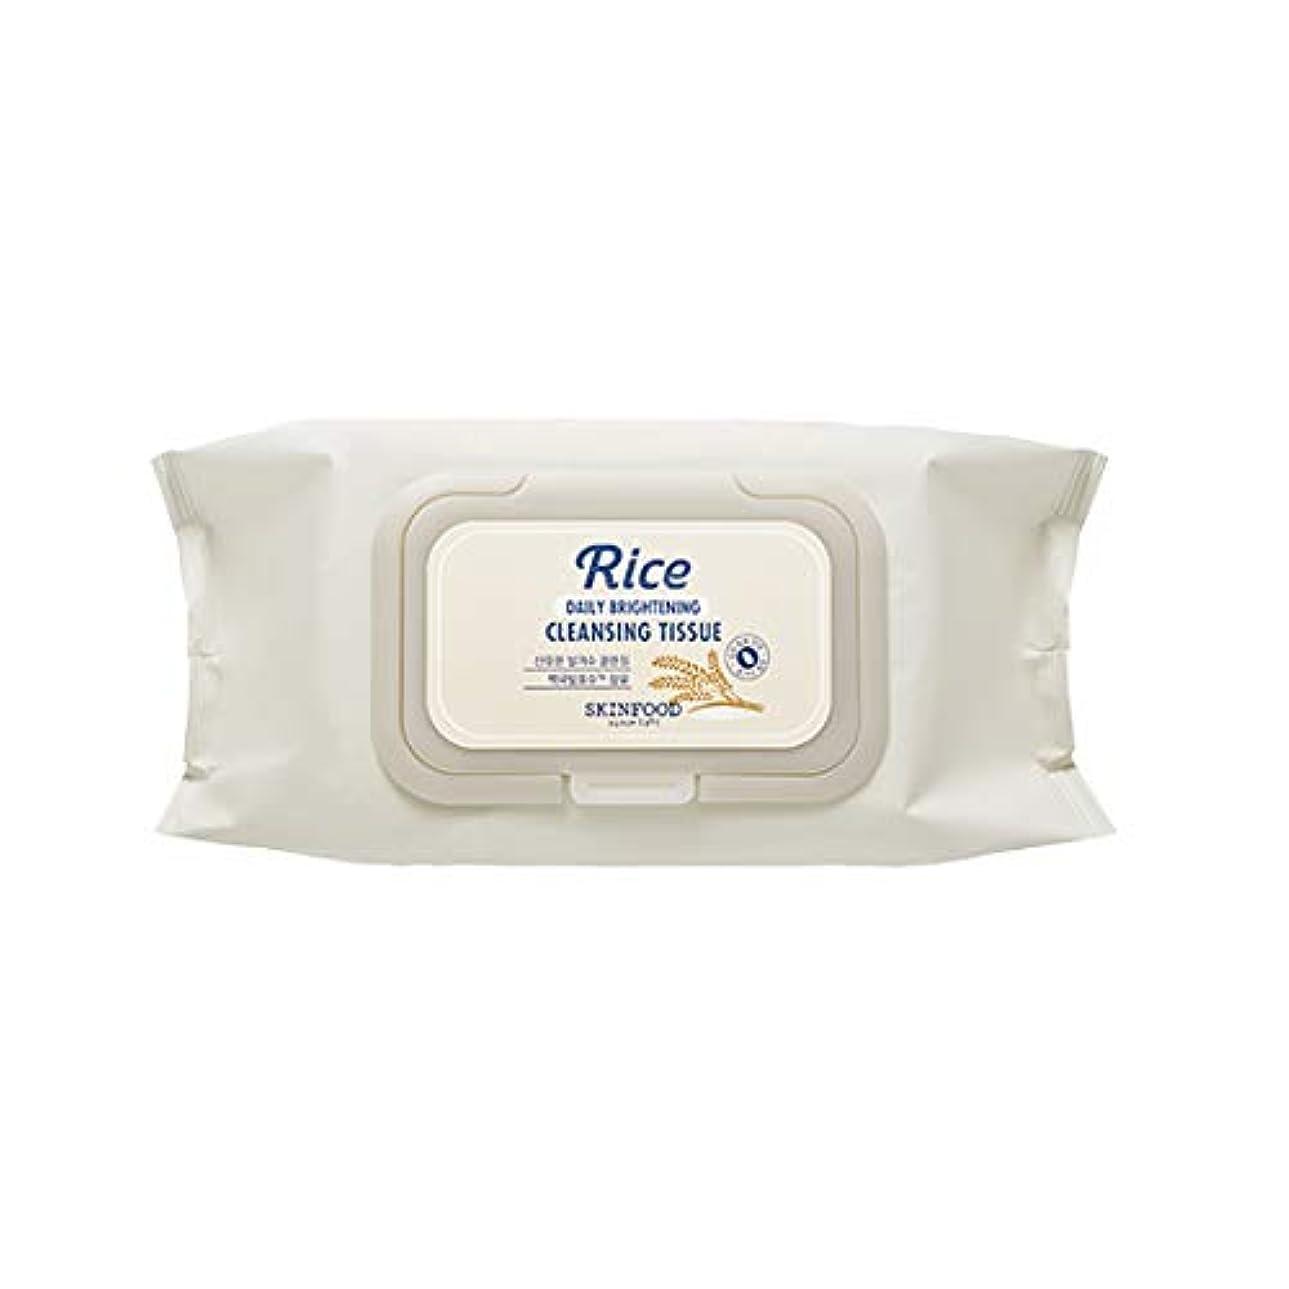 ブリリアント明らかに立方体Skinfood/Rice Daily Brightening Cleansing Tissue/ライスデイリーブライトニングクレンジングティッシュ/380ml [並行輸入品]